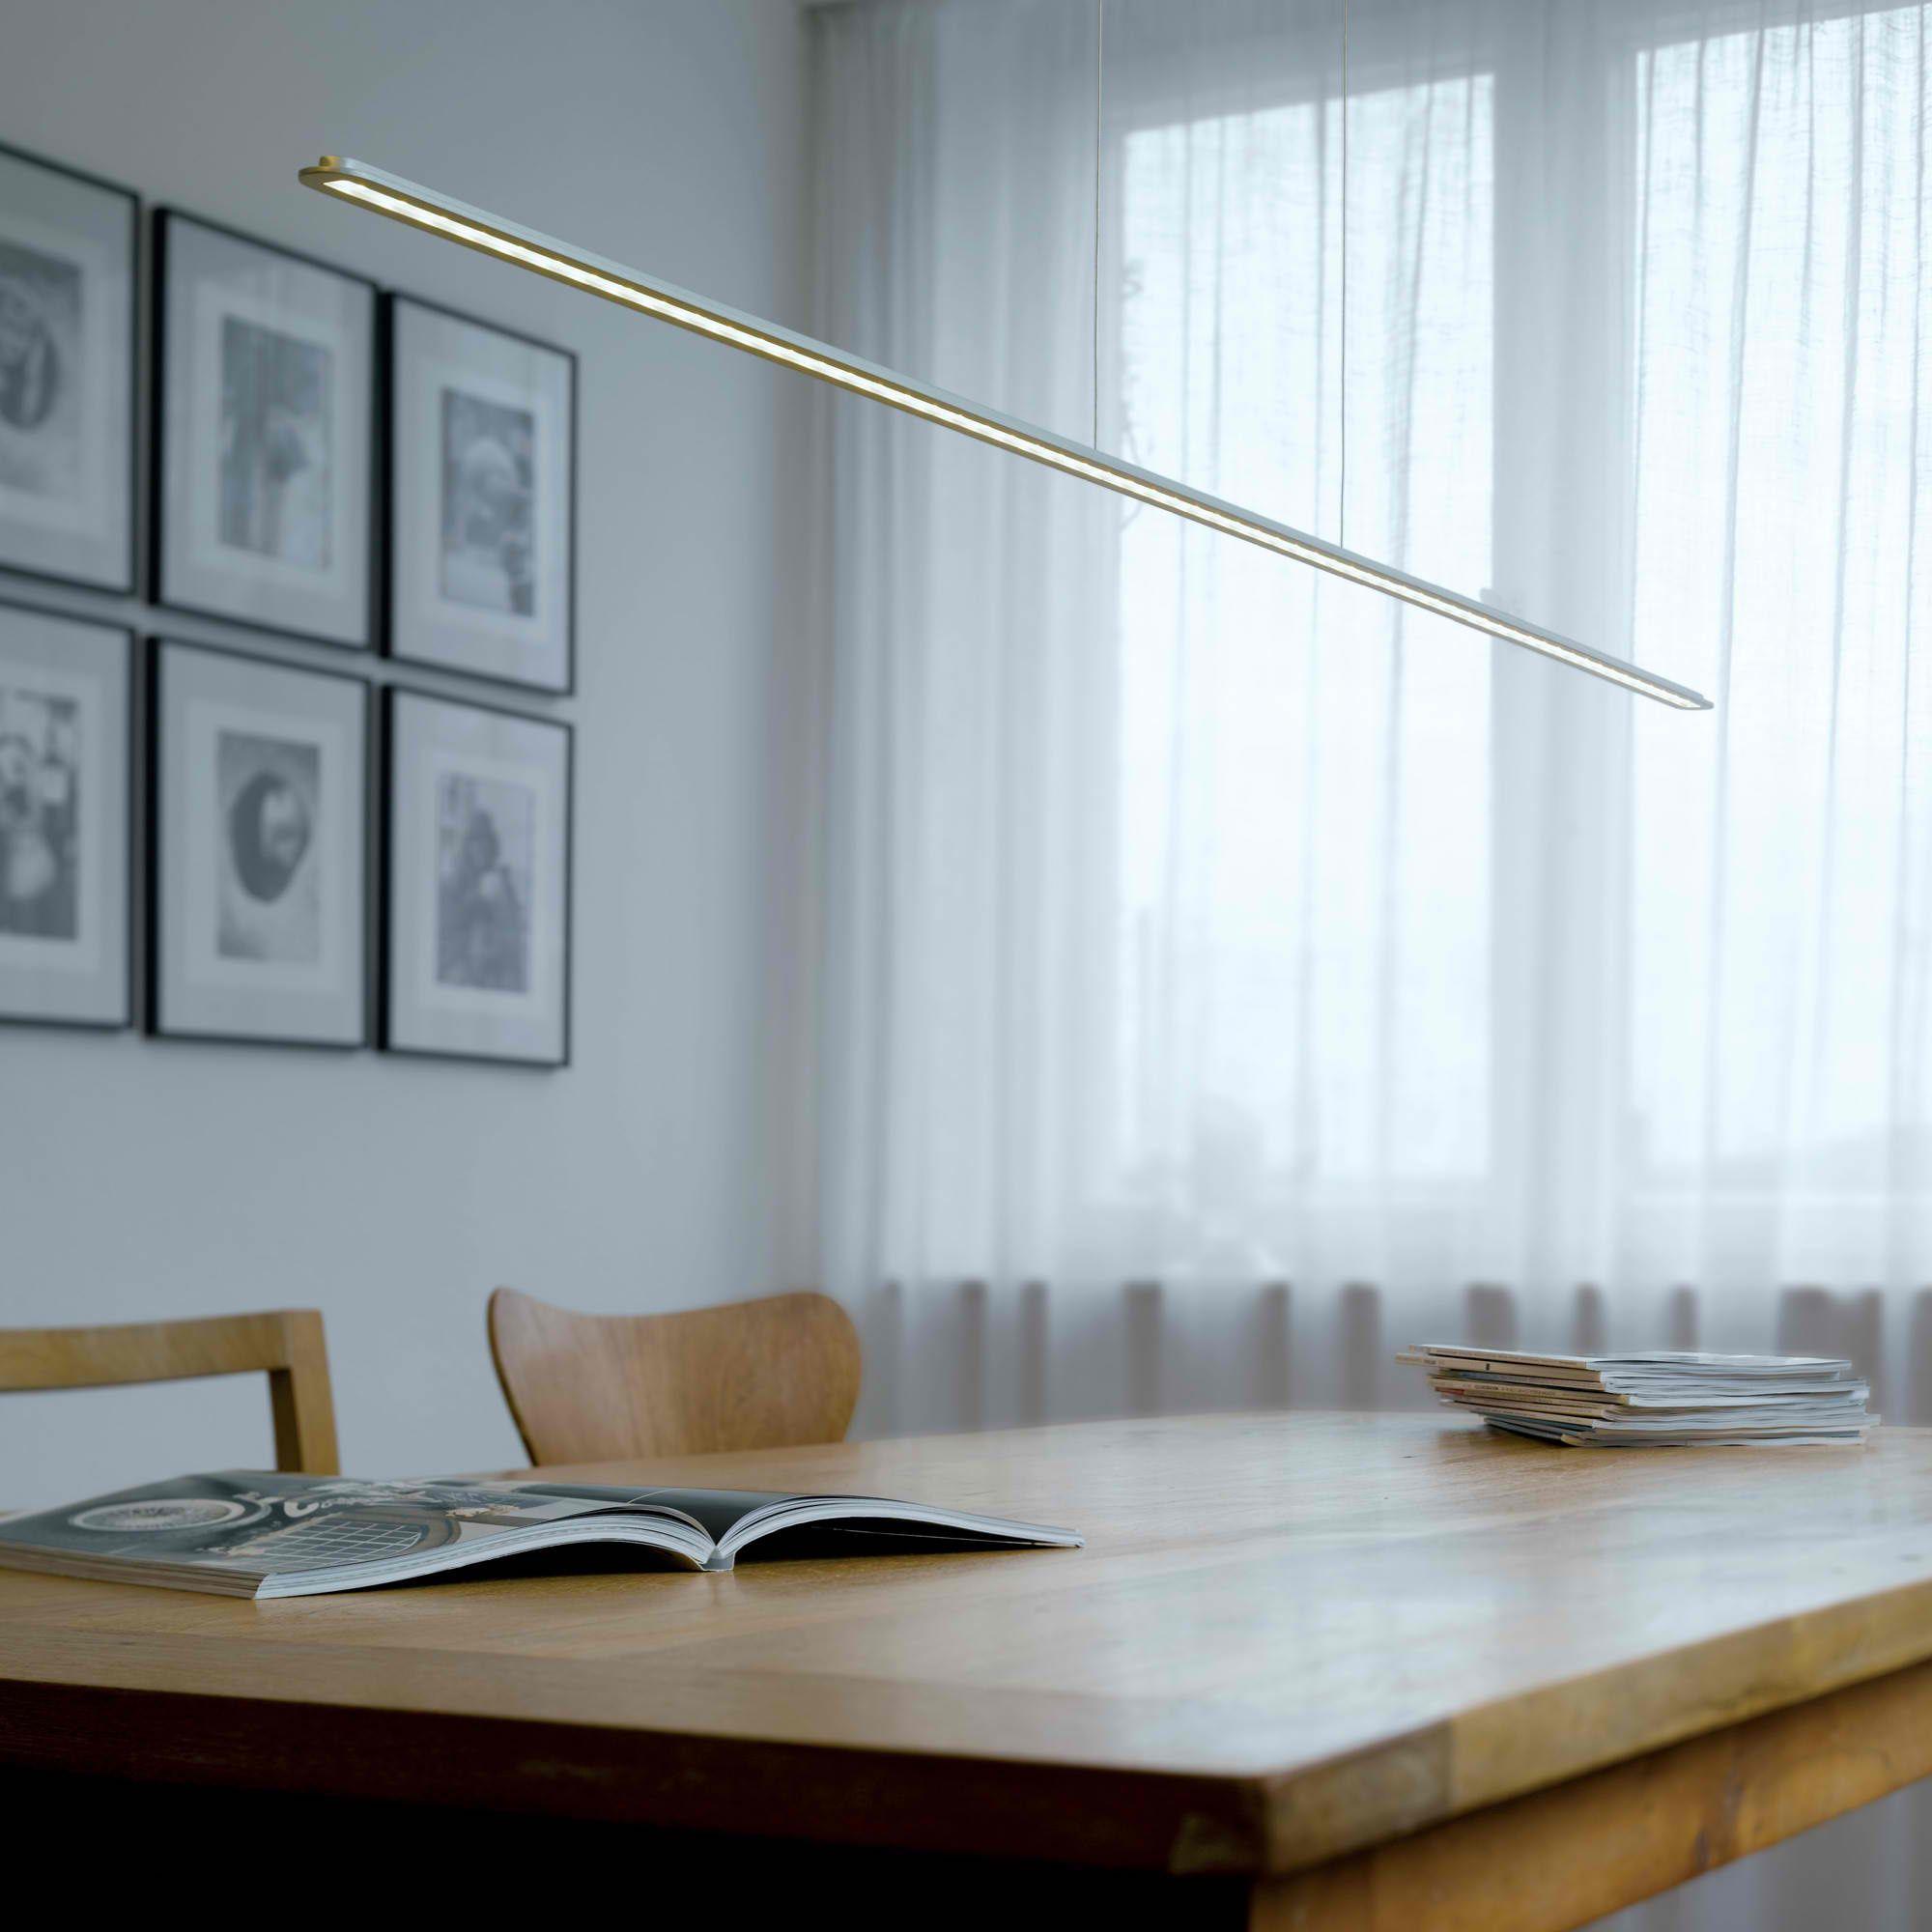 Full Size of Bogenlampe Esstisch Pendelleuchten Design Leuchten Lampen Pendelleuchte Lampe Rustikal Esstische Massivholz Weiß Oval Ausziehbar Sofa Designer Ausziehbarer Esstische Bogenlampe Esstisch